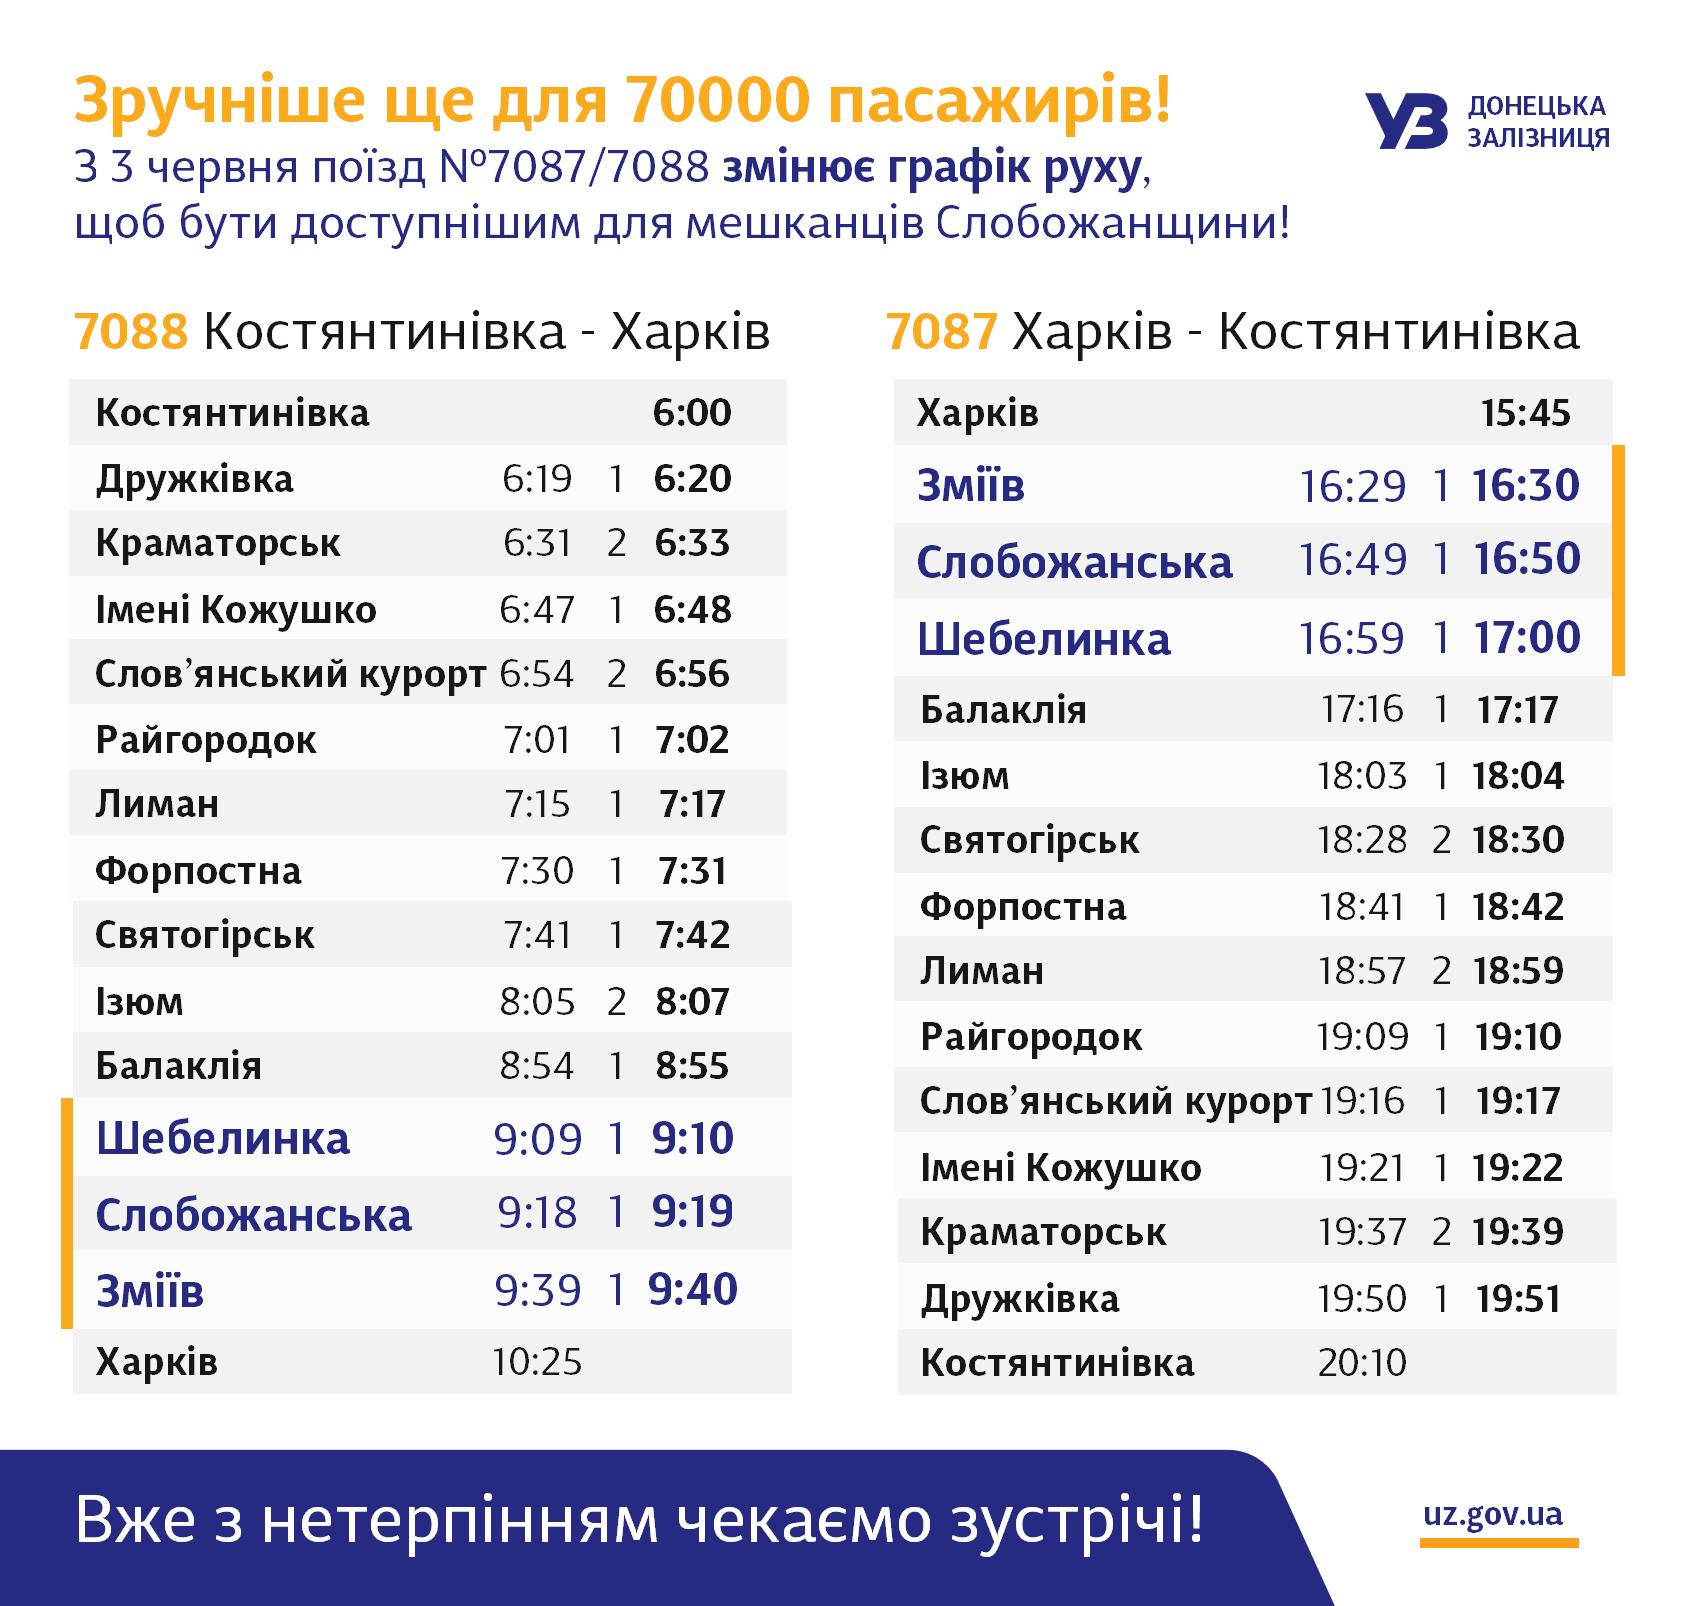 Донецька залізниця змінила графік руху потягу Костянтинівка - Харків